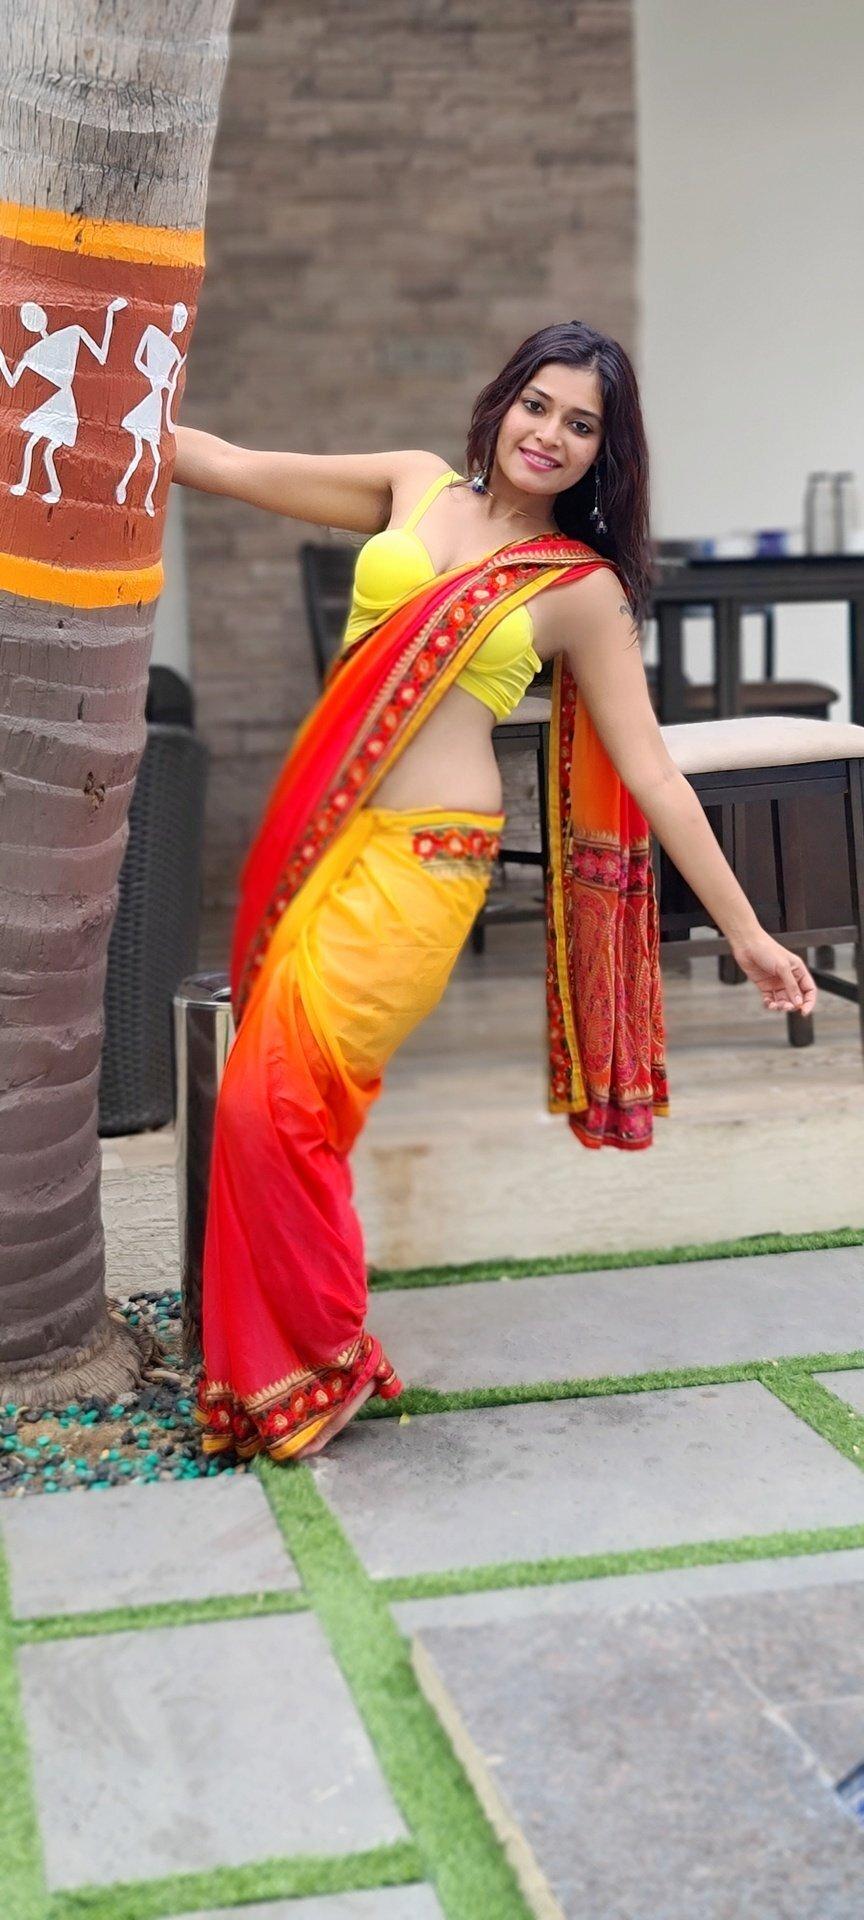 സാരിയിൽ സുന്ദരിയായി ദർഷ ഗുപ്ത- ചിത്രങ്ങൾ കാണാം